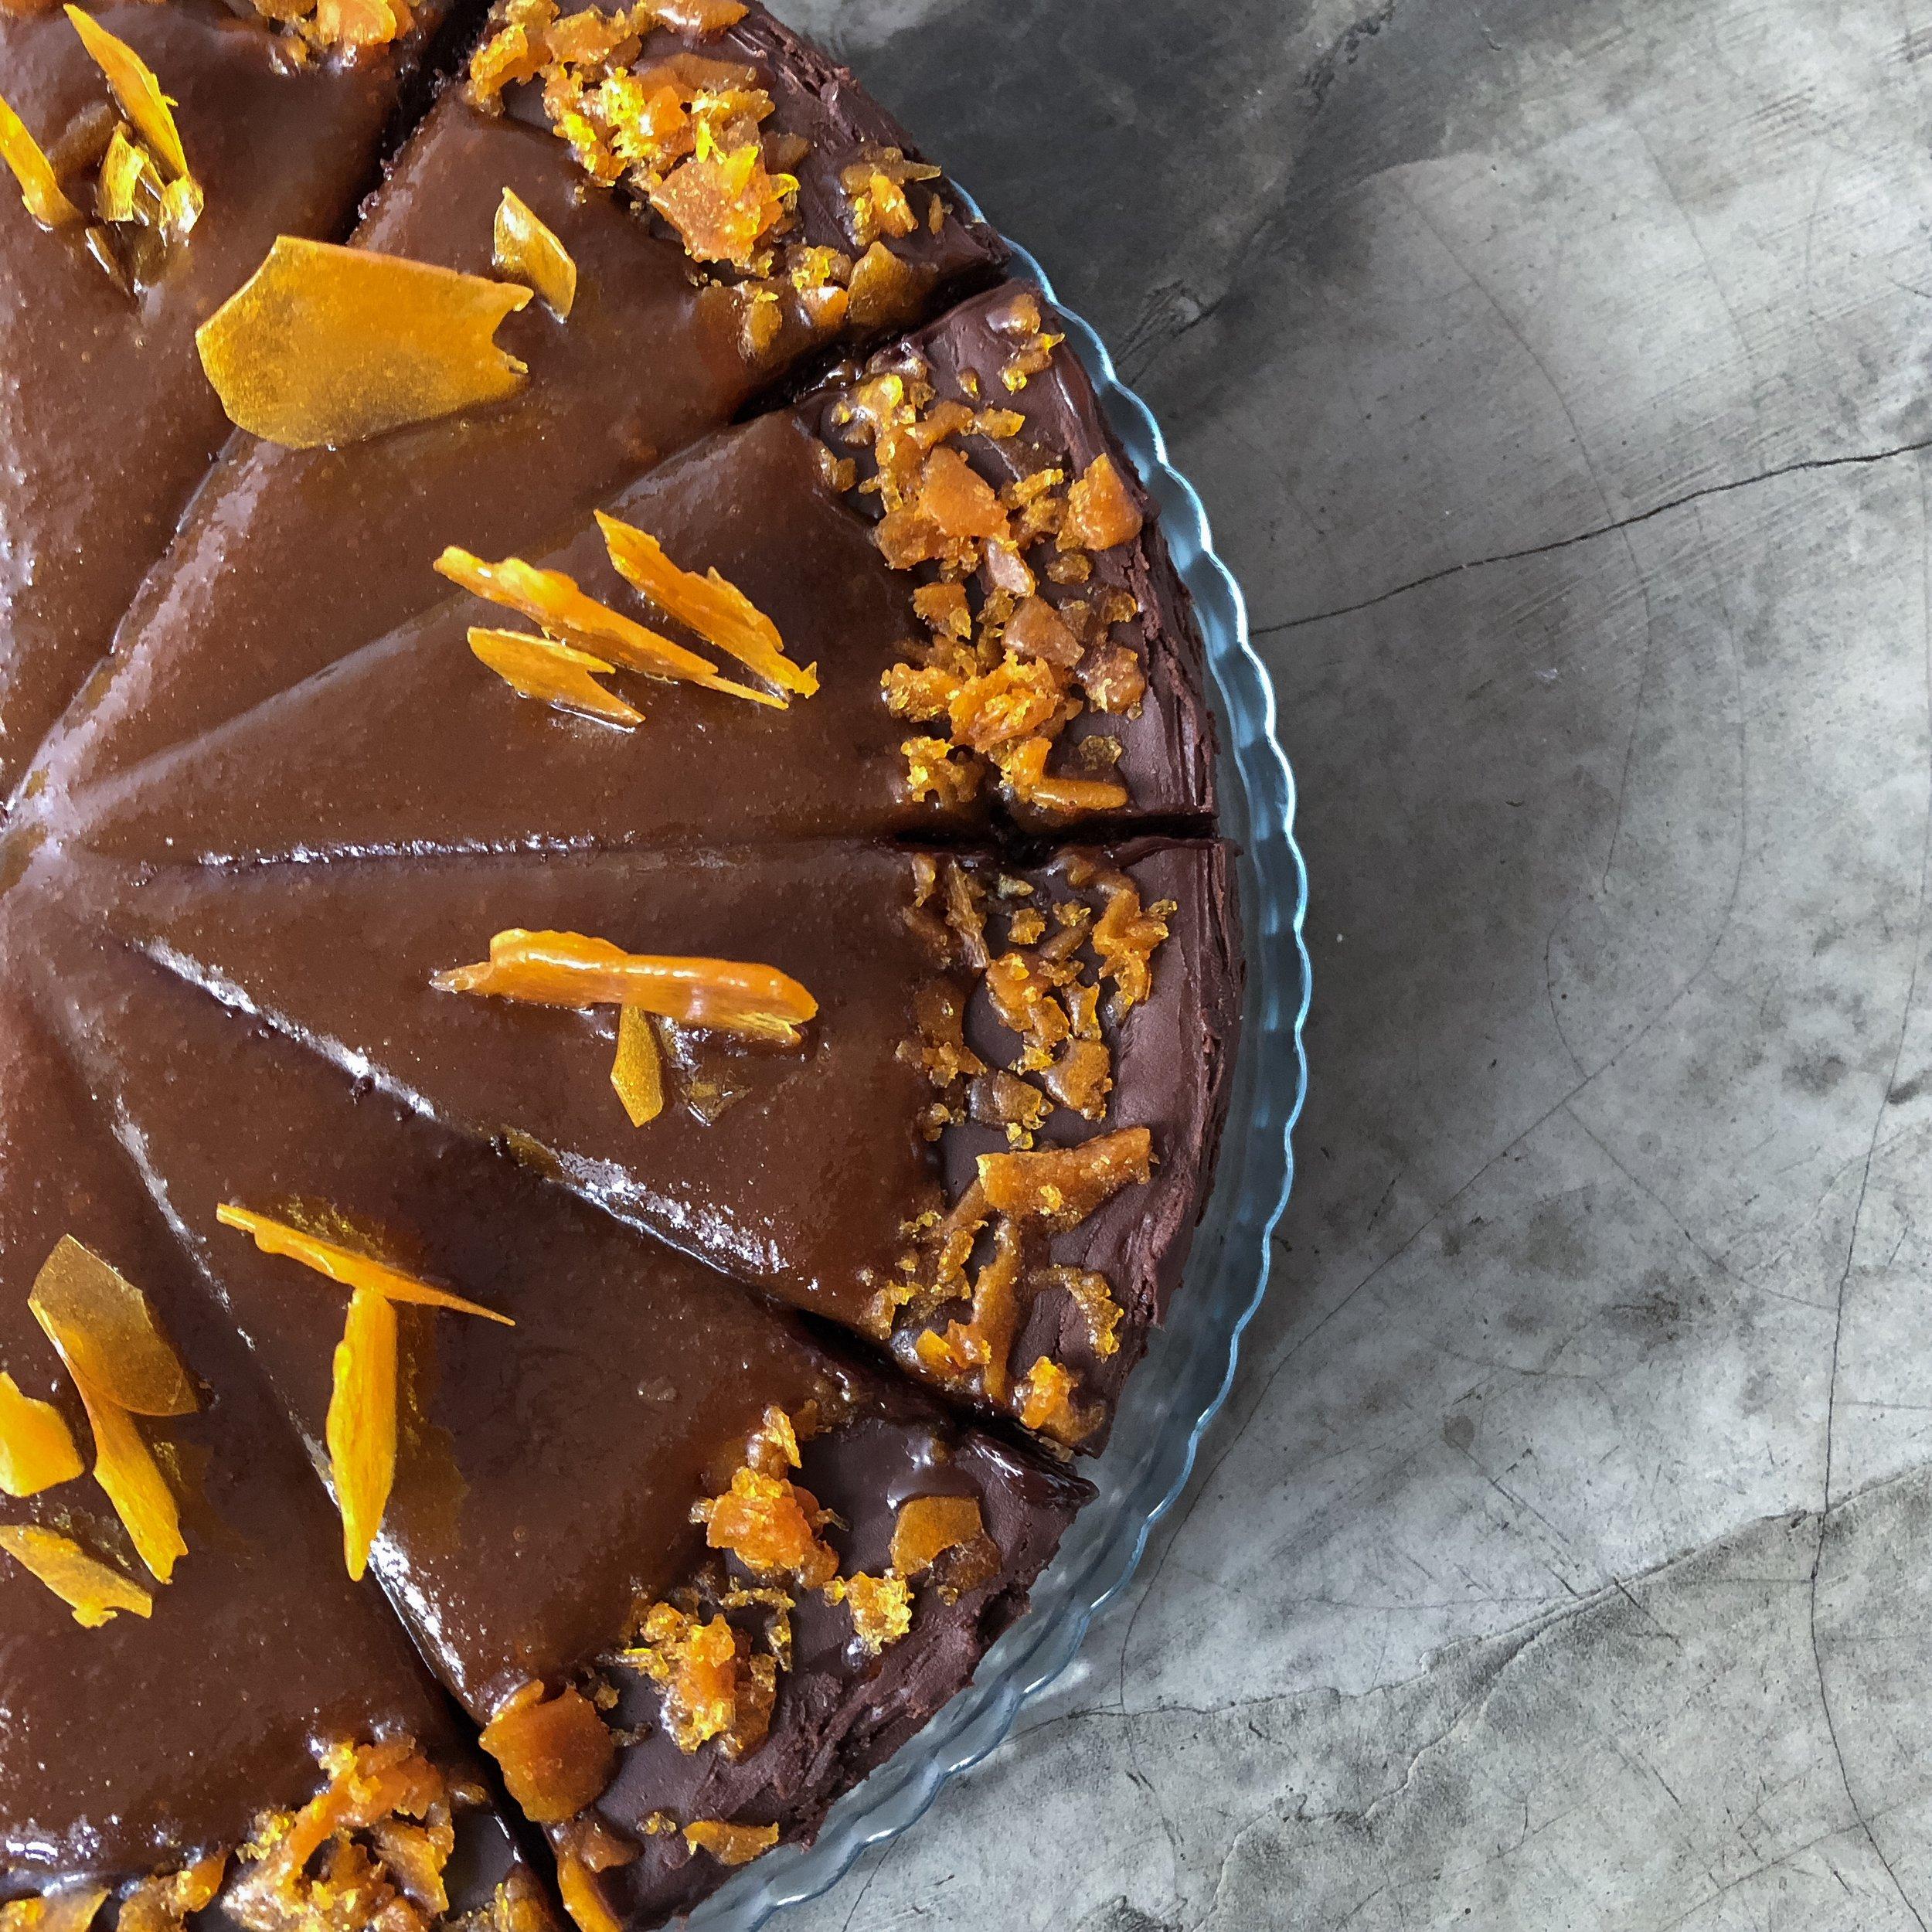 caramel & chocolate cake - 3 camadas de bolo de chocolate bem molhadinho com recheio e cobertura de ganache de chocolate e caramelo com flor de sal.